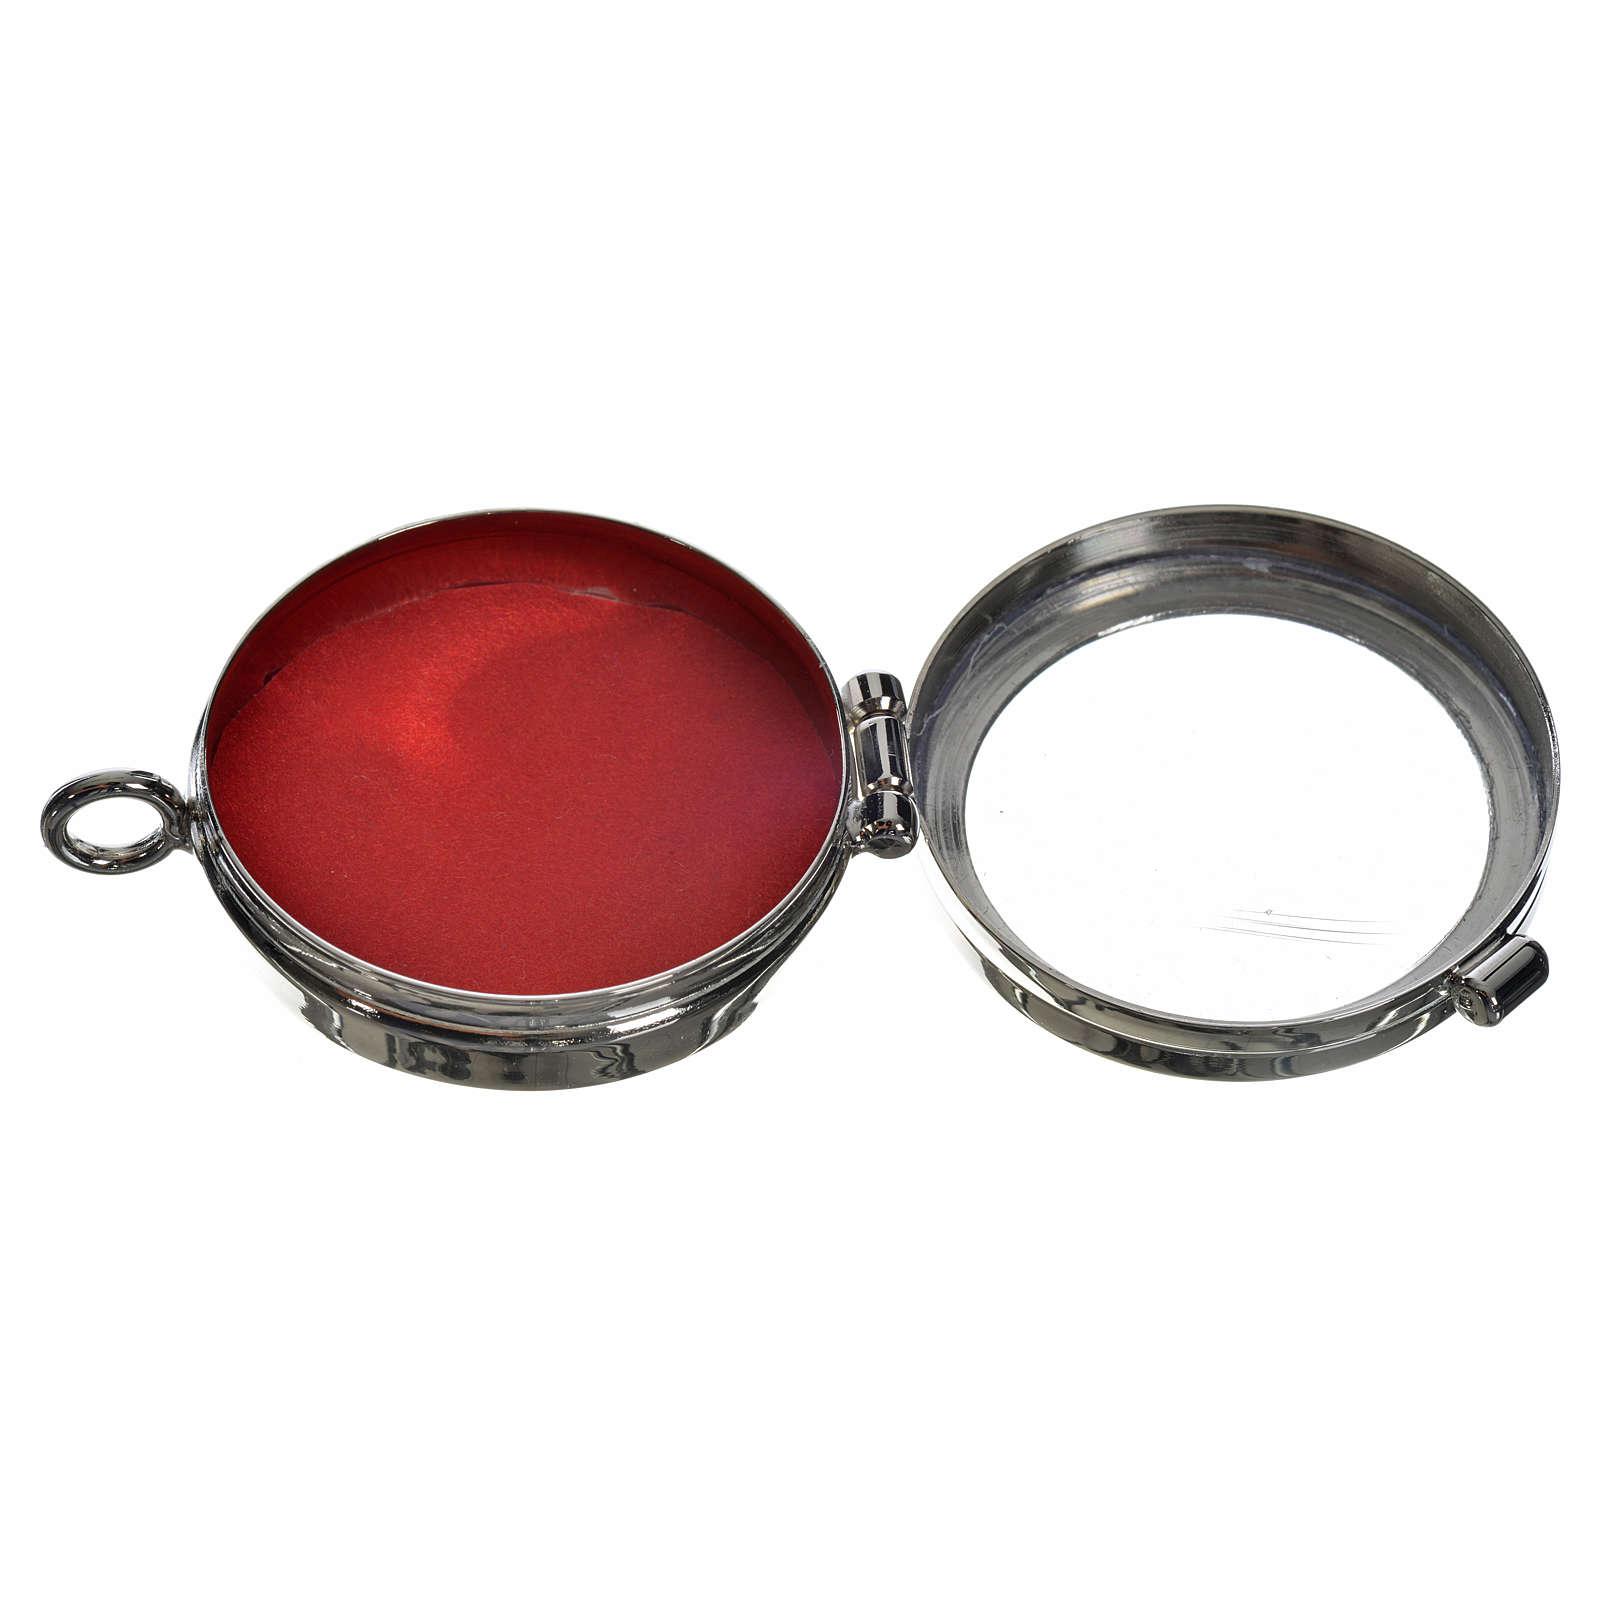 Reliquiario ottone argentato diam. 4 cm 4